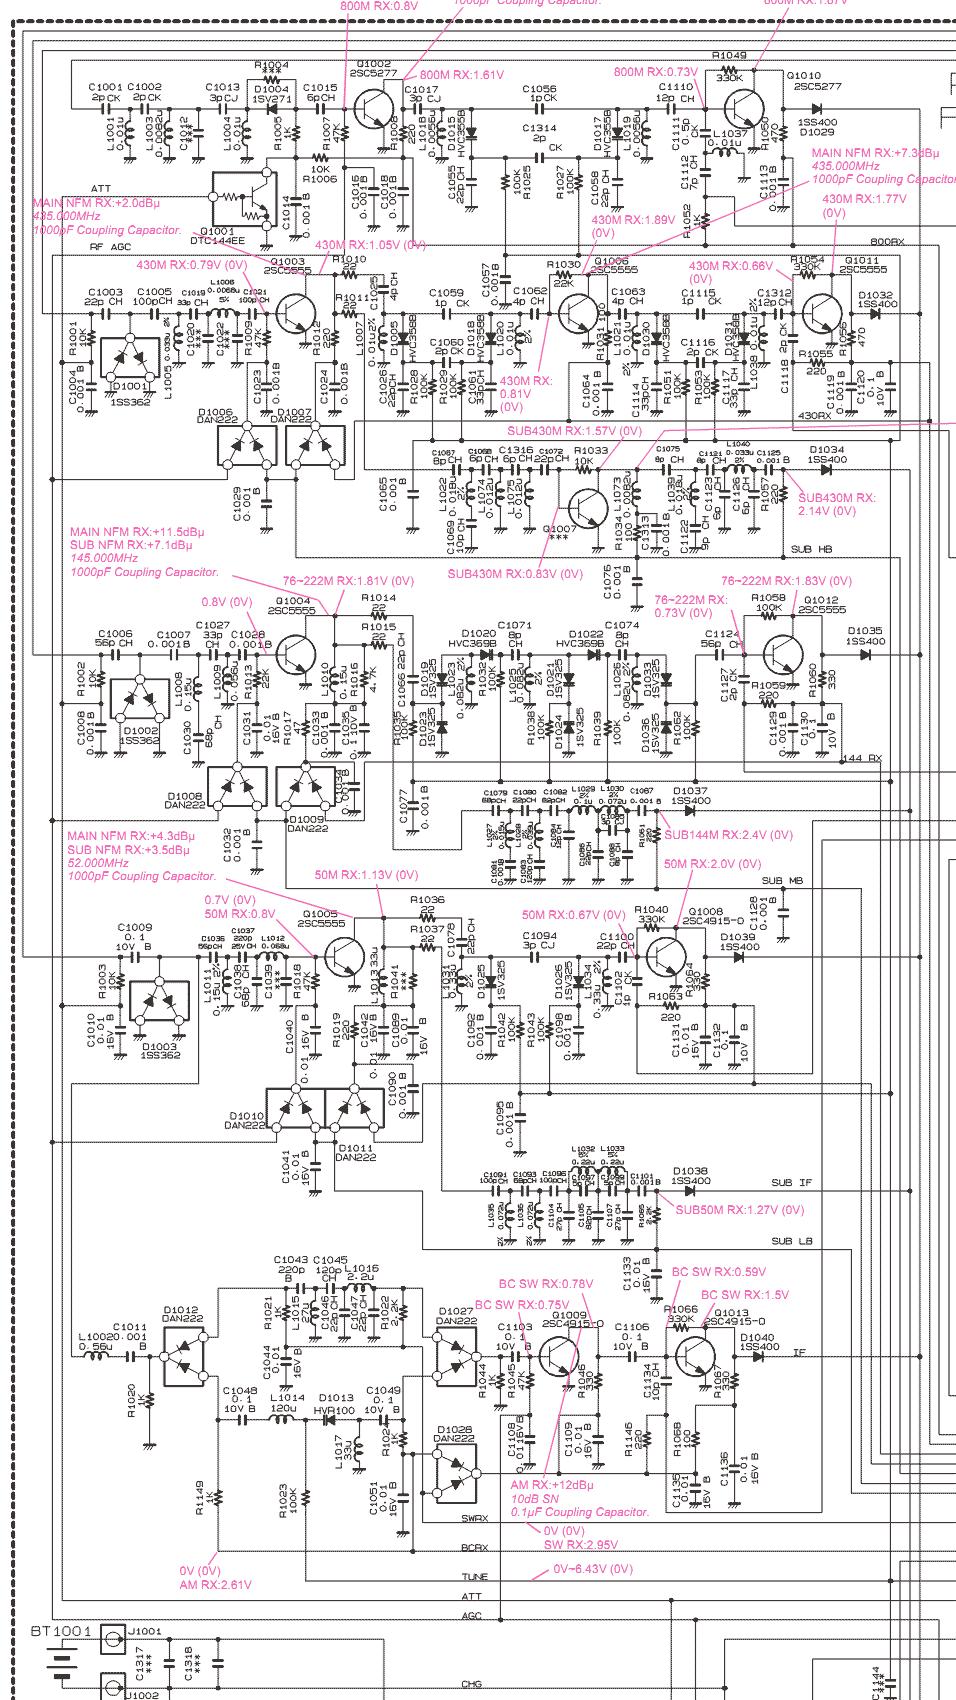 схема любительской радиостанции